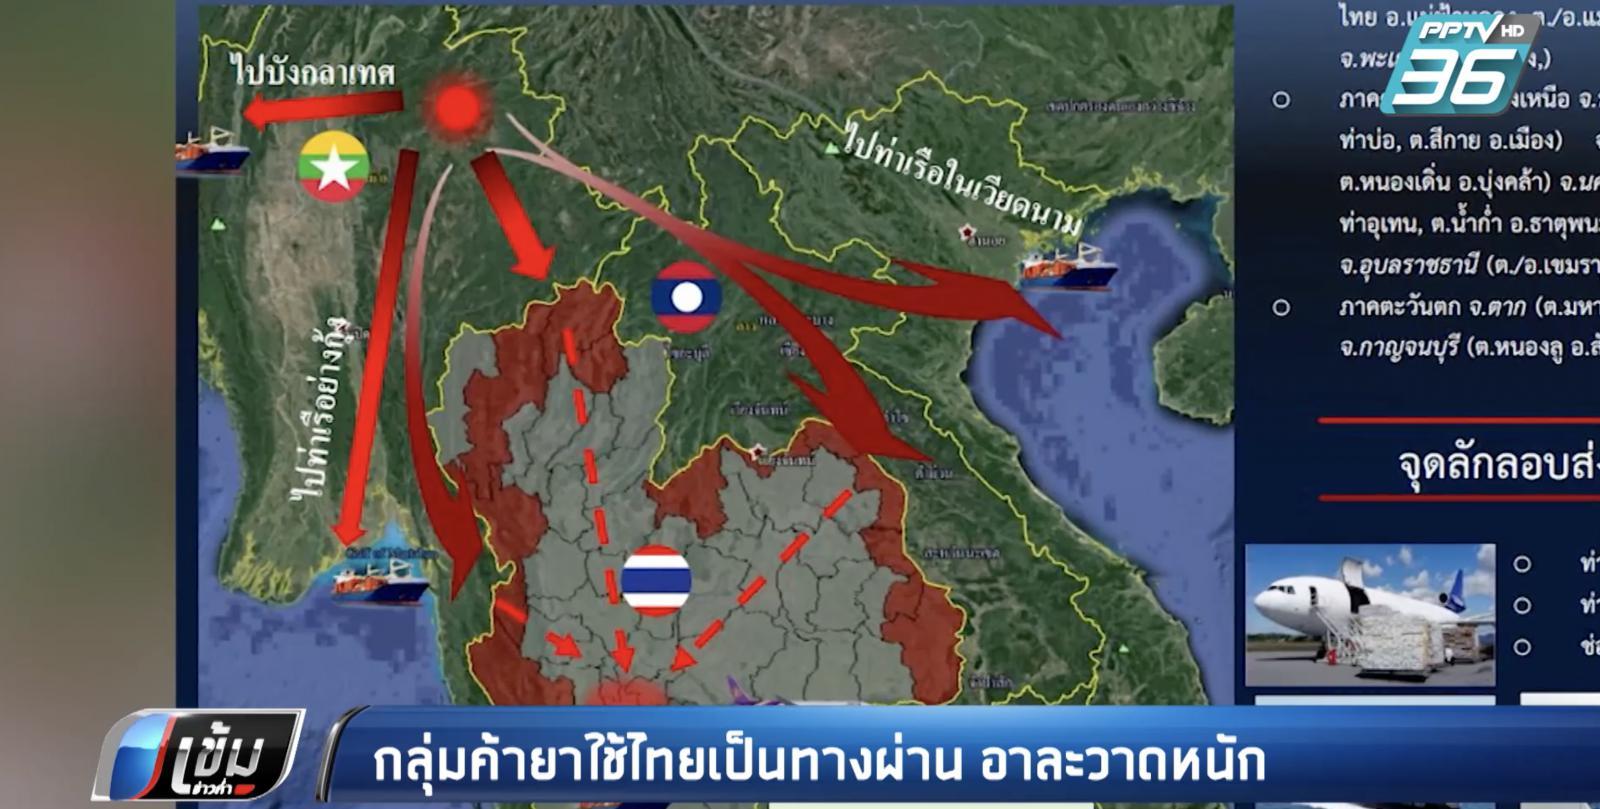 กลุ่มค้ายาใช้ไทยเป็นทางผ่าน อาละวาดหนัก